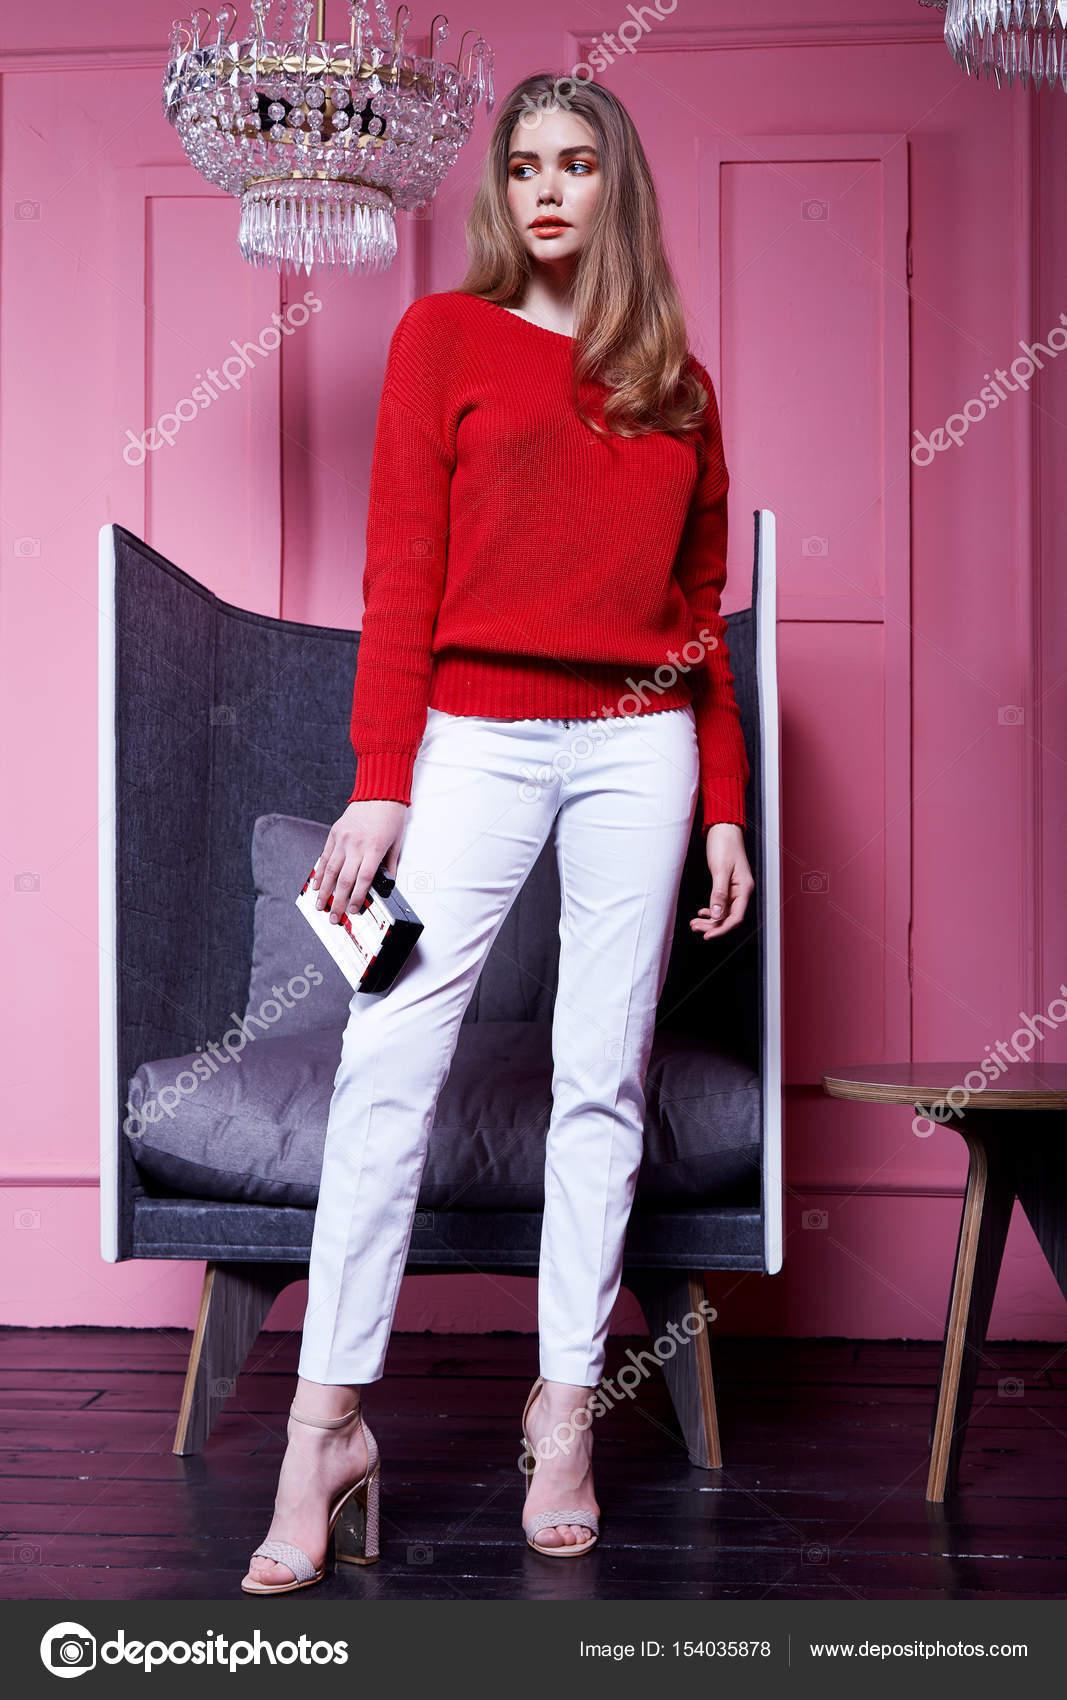 90bb1aa4d8 Interior design rózsaszín fal kristály csillár divat modell nő hord  öltözött stílusú alkalmi ruha piros pulóver fehér nadrág tavaszi kollekció  tartozék ...